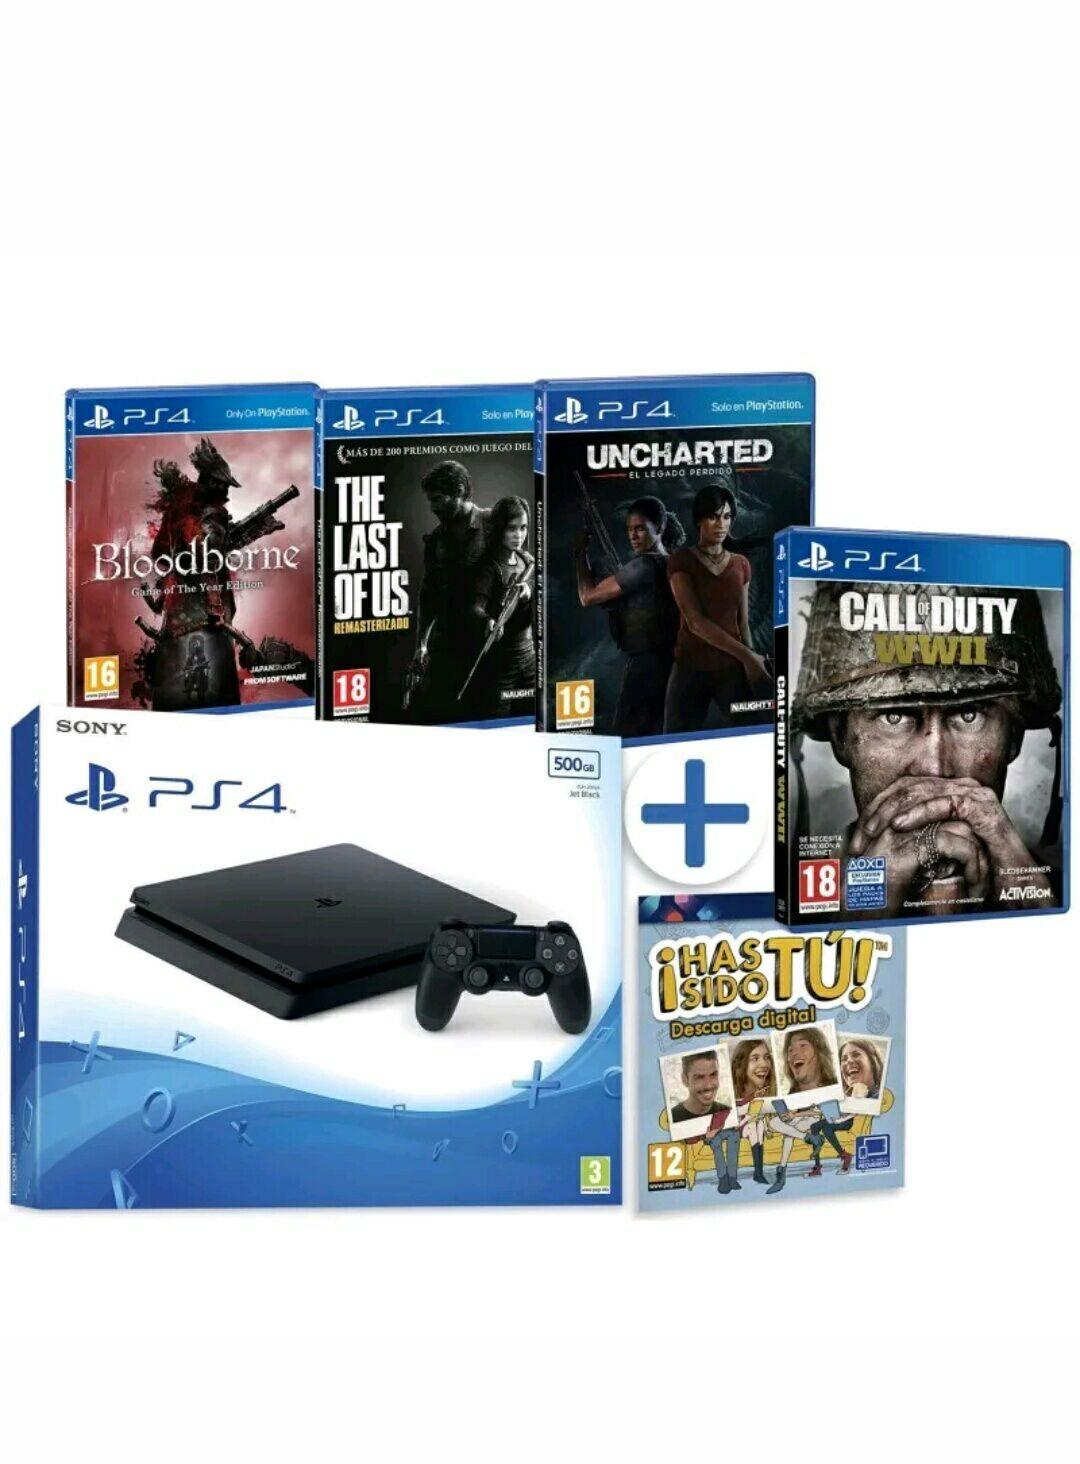 PS4 500GB + UNCHARTED EL LEGADO PERDIDO + COD WW2 + BLOODBORNE GOTY + LAST OF US REMASTERIZADO+ ¡HAS SIDO TU!